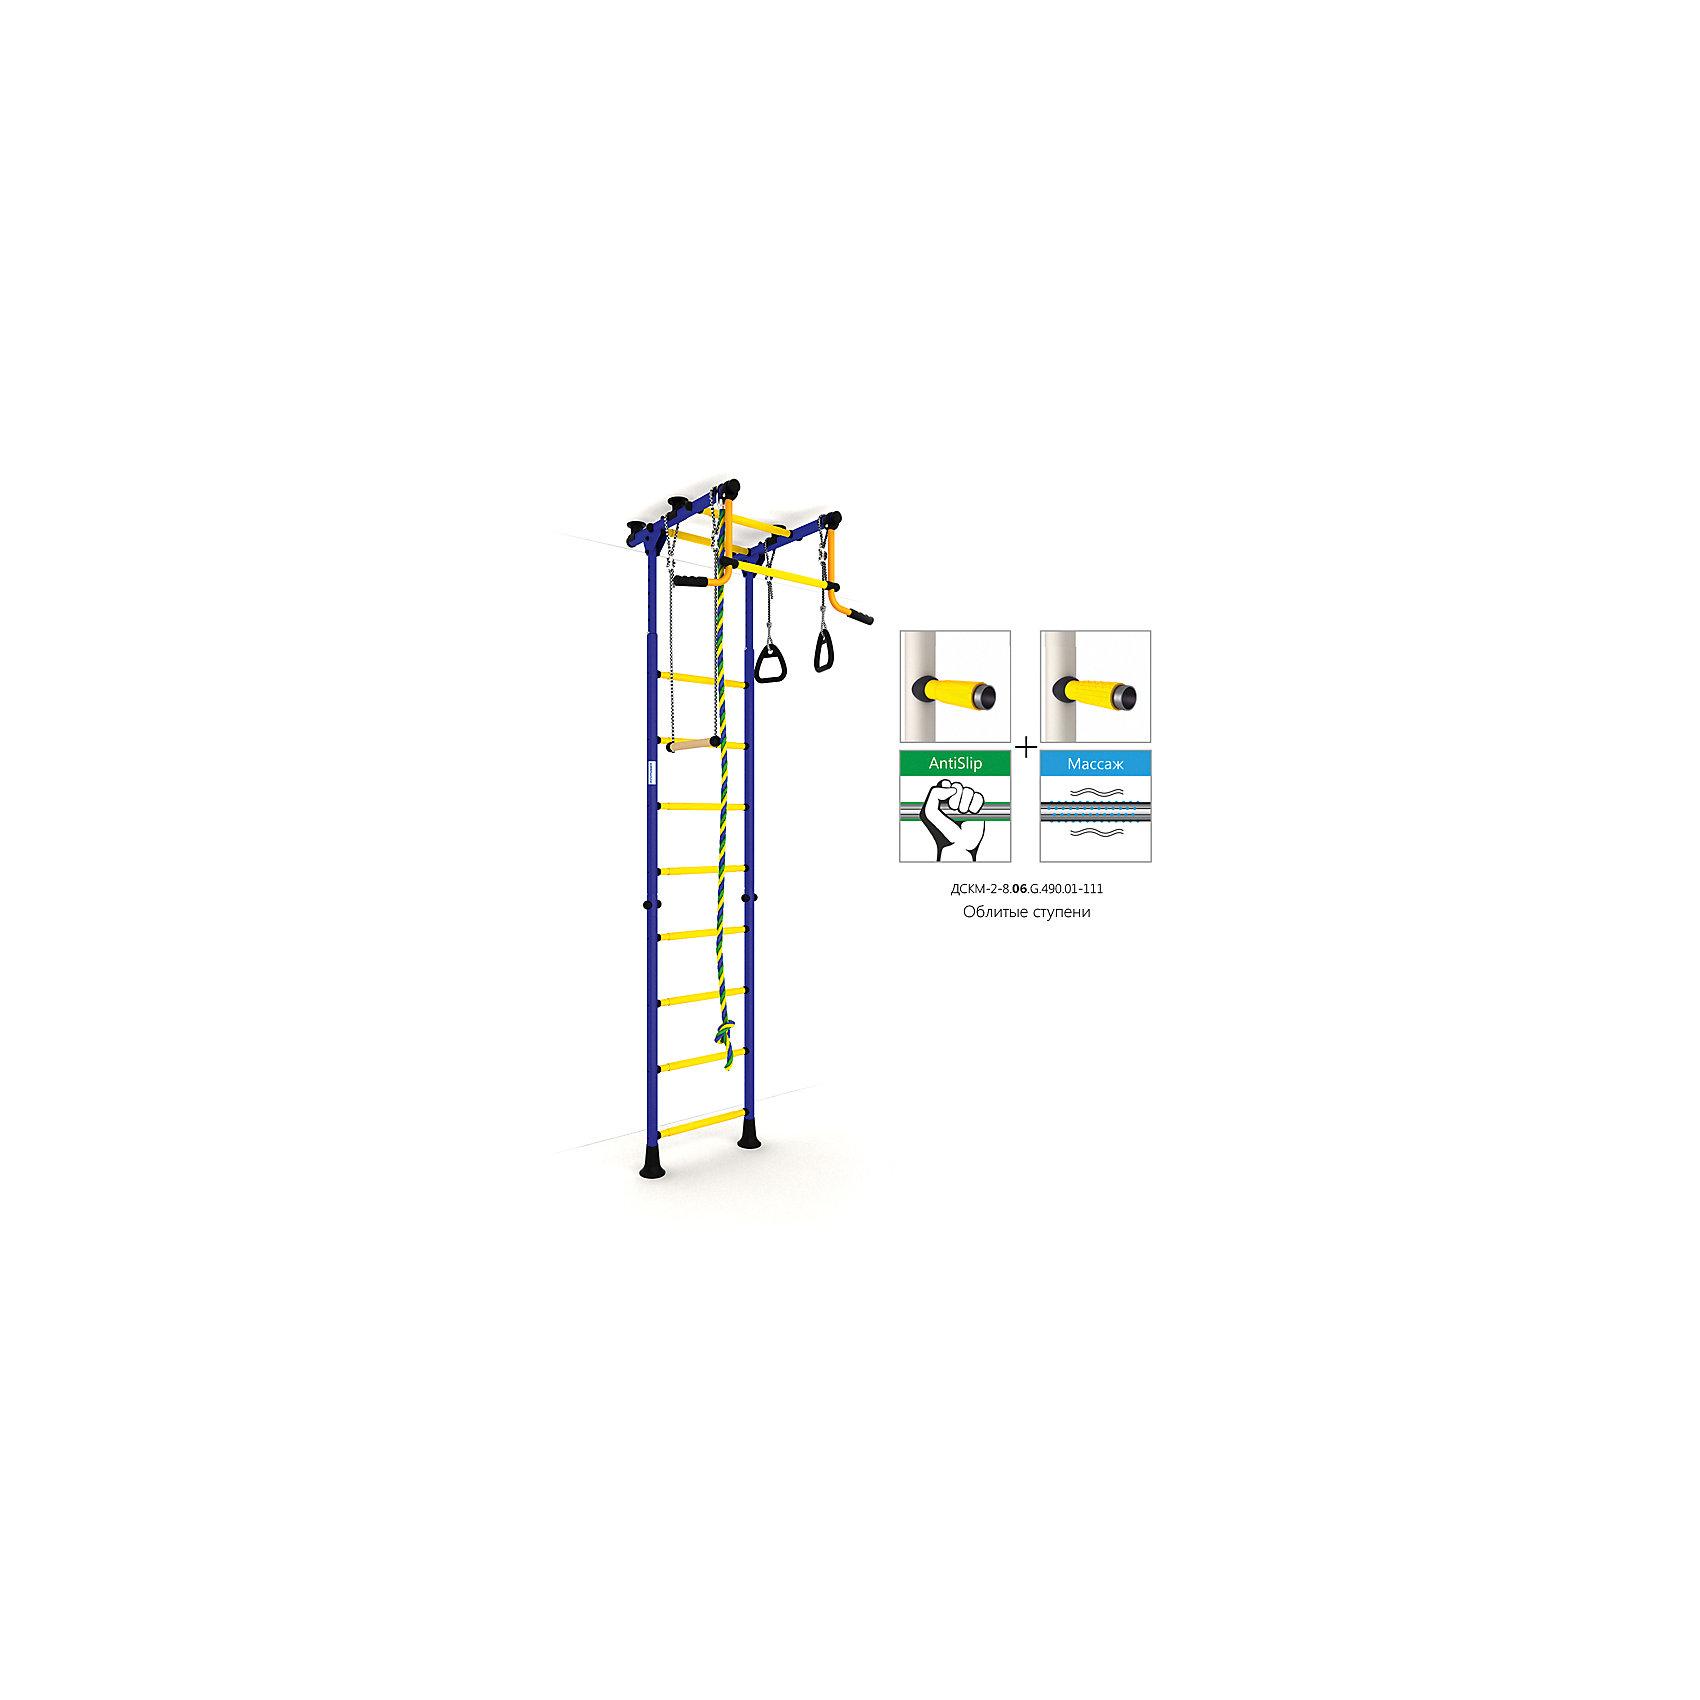 Шведская лестница Комета-2, синий-желтыйШведская стенка с креплениями в распор (между полом и потолком) - одна из самых популярных моделей. Благодаря креплению, не требующему сверления поверхностей, домашний спортивный комплекс быстро устанавливается и позволяет легко менять место установки в комнате. В комплекте: лестница гимнастическая, турник неподвижный, кольца гимнастические, трапеция, канат.<br><br>Ширина мм: 1160<br>Глубина мм: 535<br>Высота мм: 140<br>Вес г: 18000<br>Возраст от месяцев: 36<br>Возраст до месяцев: 192<br>Пол: Унисекс<br>Возраст: Детский<br>SKU: 5251537